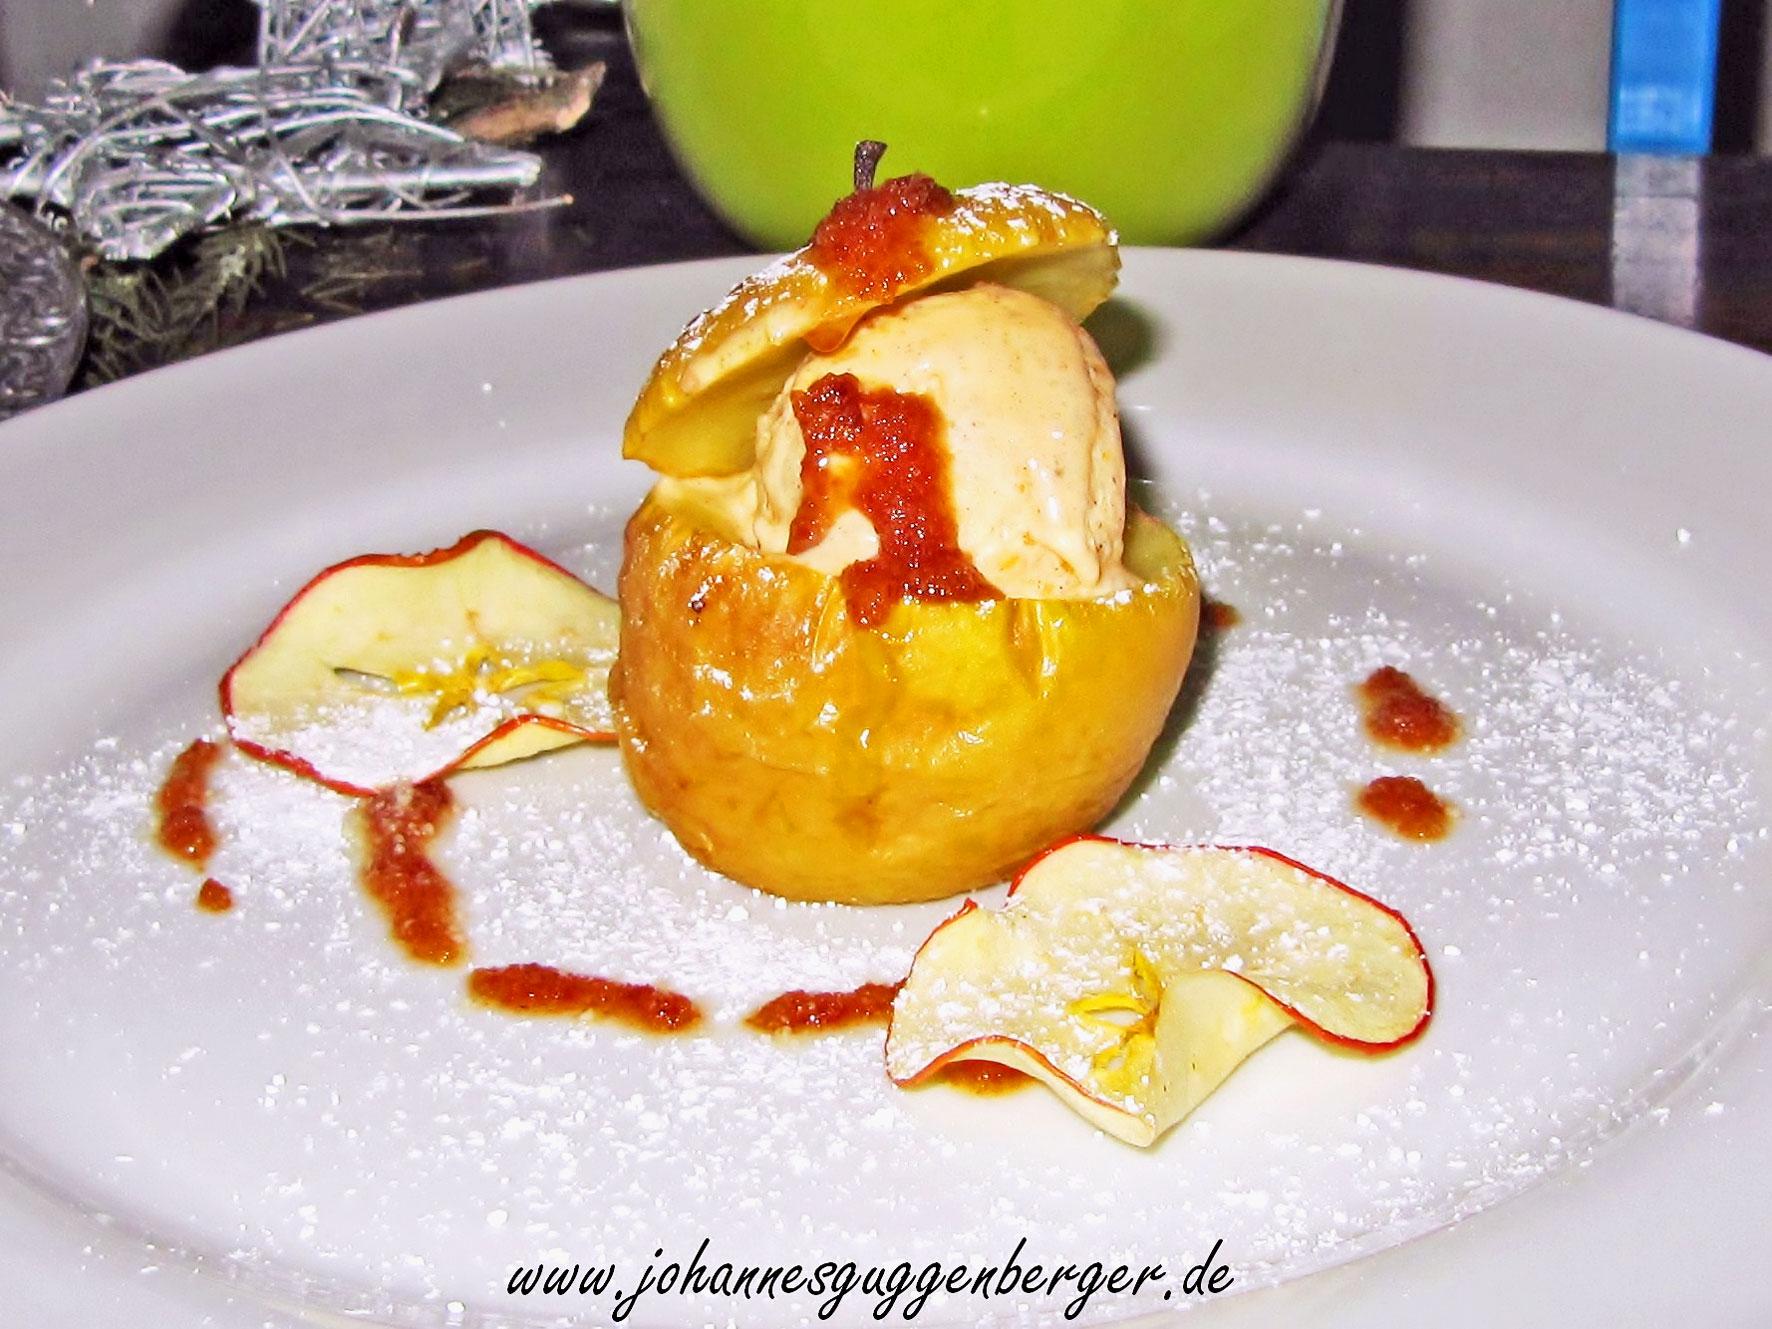 Bratapfel gefüllt mit Walnuss-Zimt-Parfait